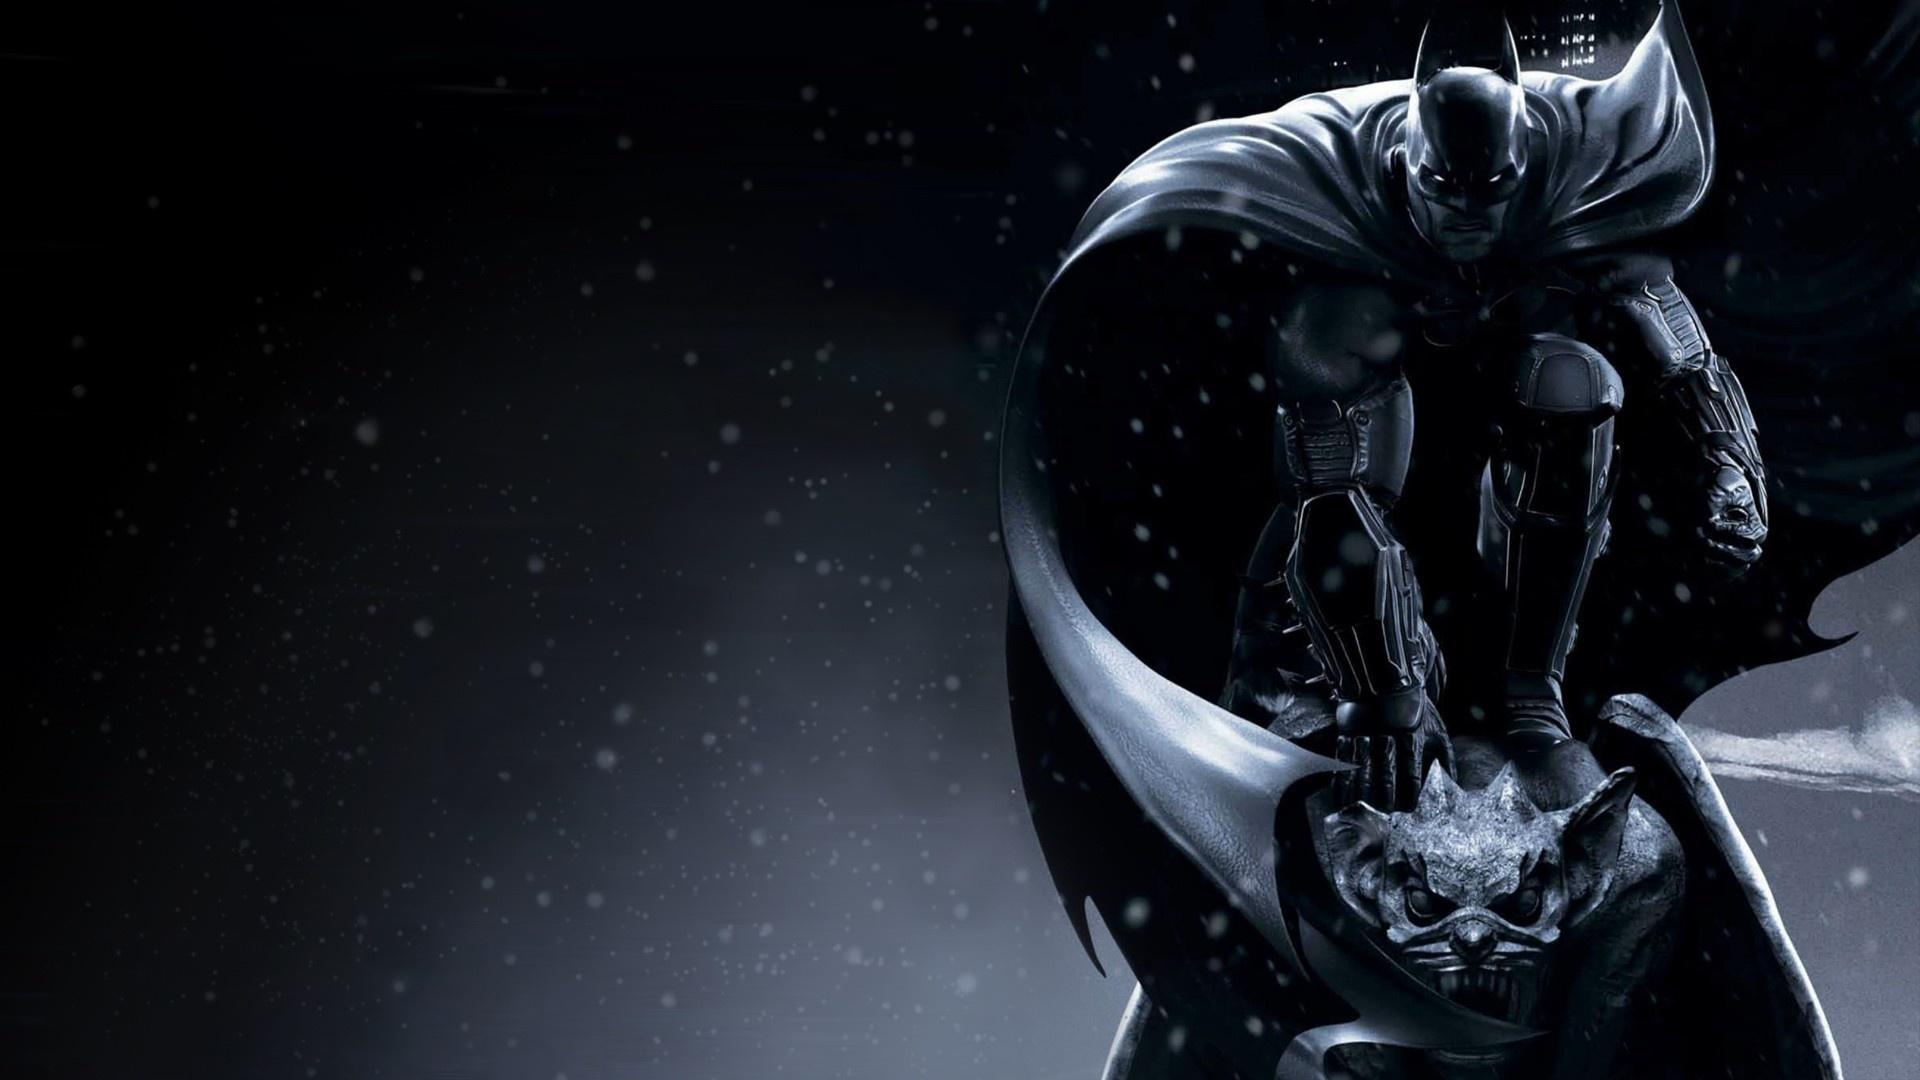 Hd wallpaper batman - Batman Arkham Origins Desktop Wallpaper Wallpaperpixel